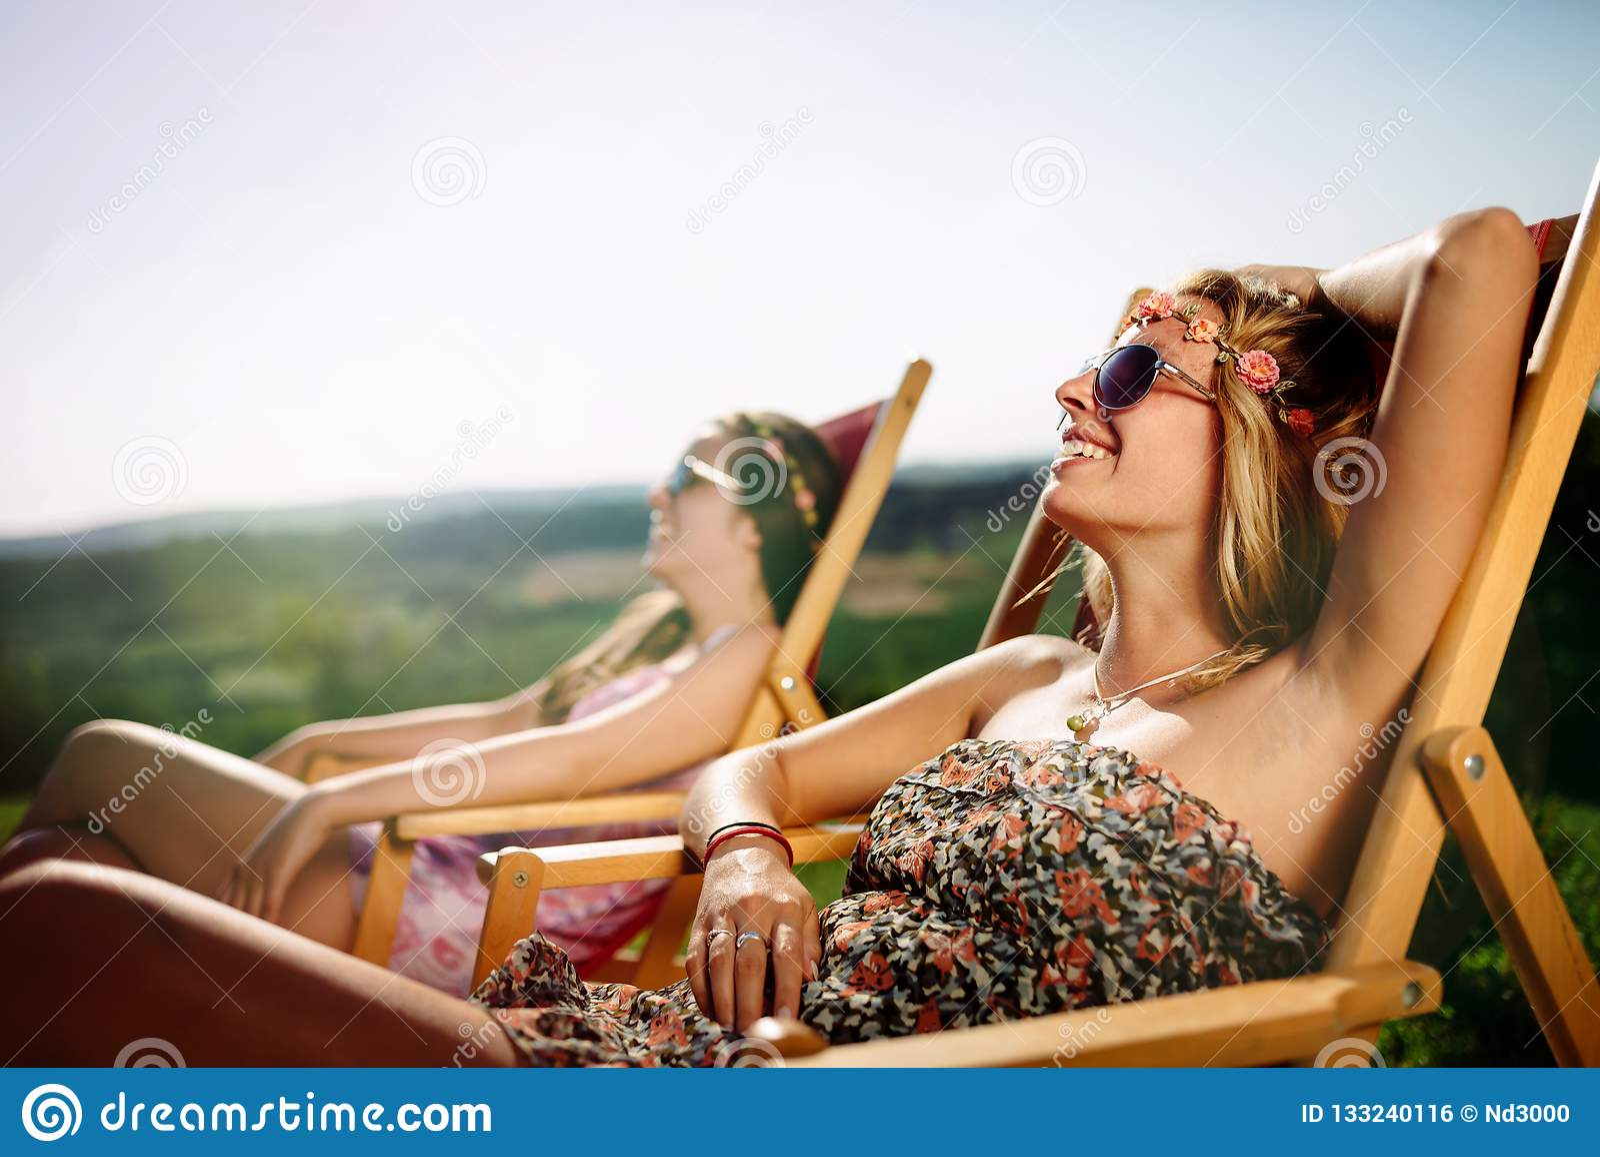 Kvinnor som kopplar av och solbadar i sommar